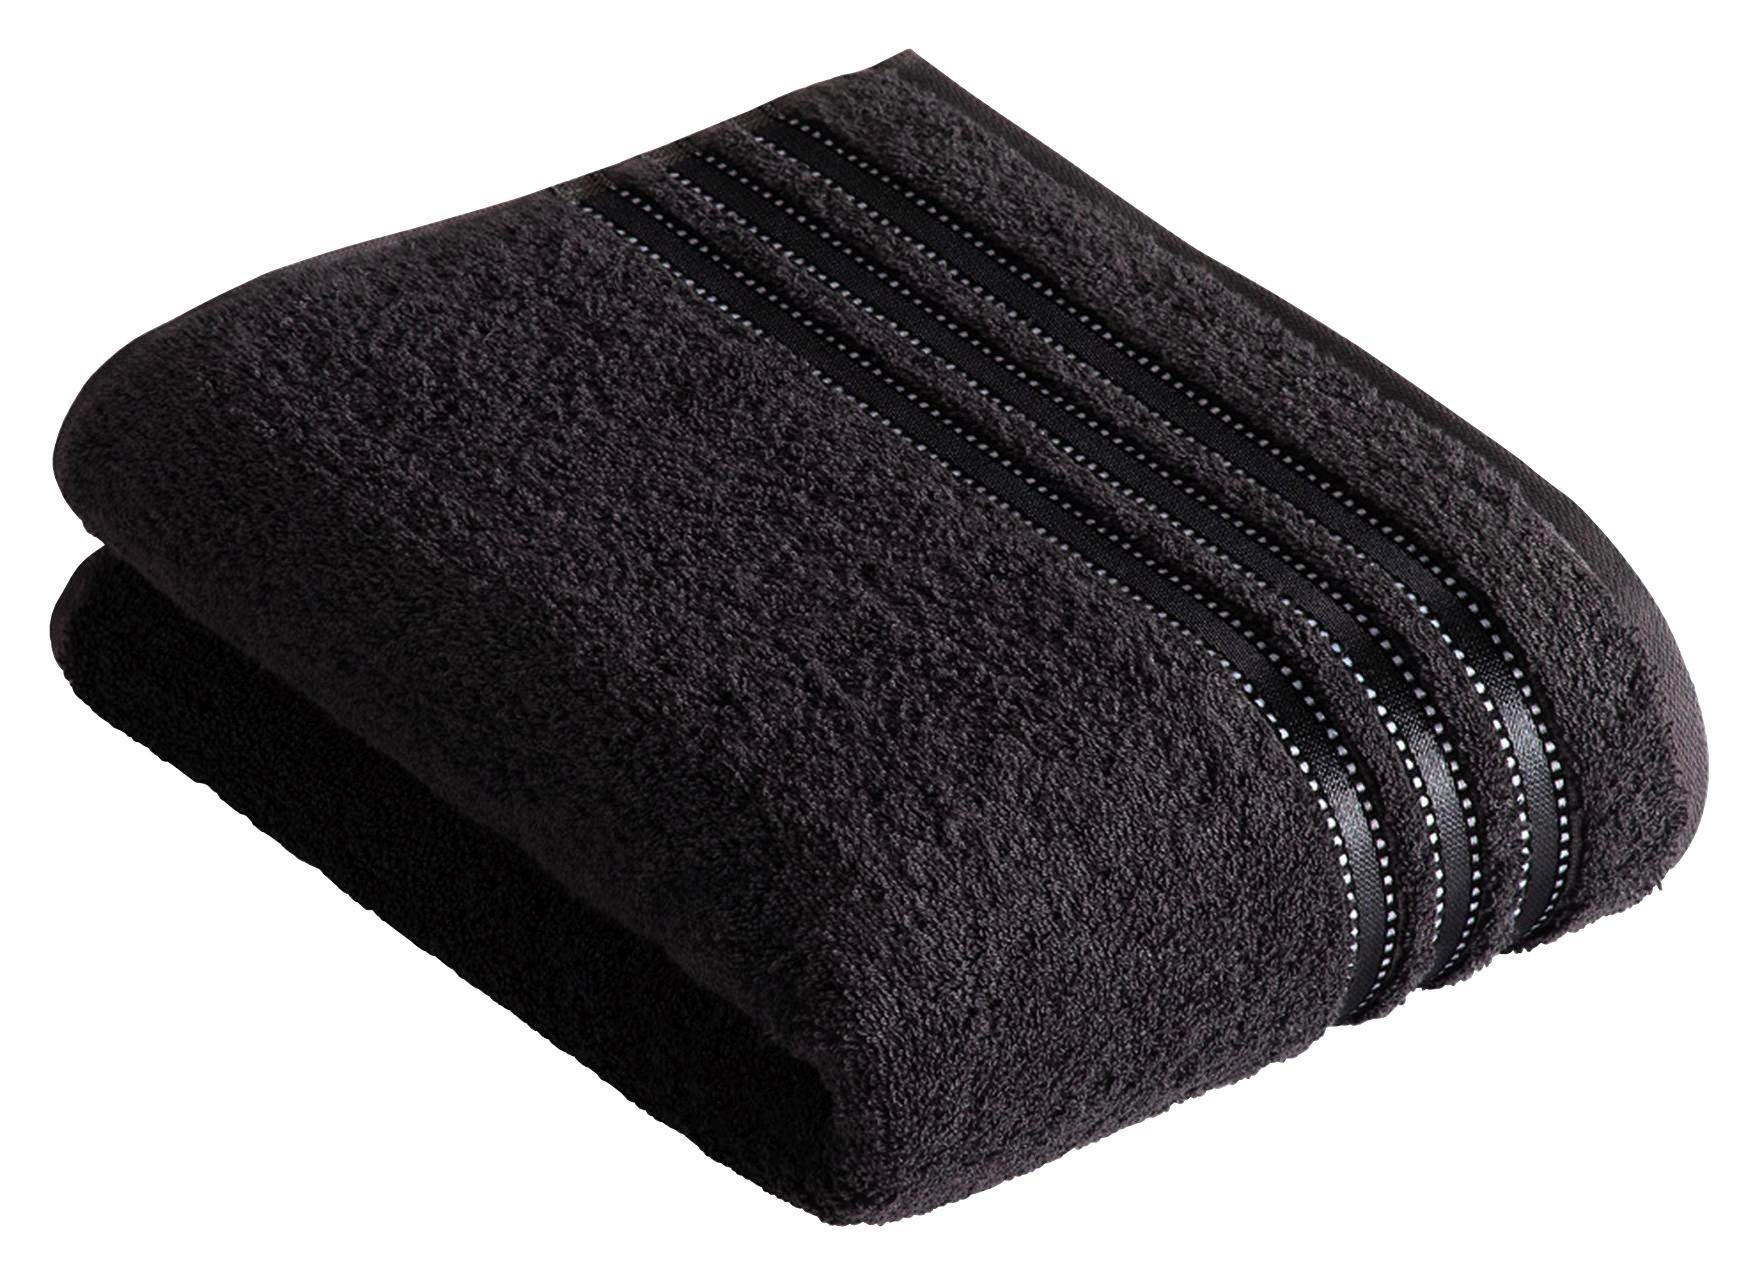 DUSCHTUCH 67/140 cm - Schwarz, Basics, Textil (67/140cm) - VOSSEN